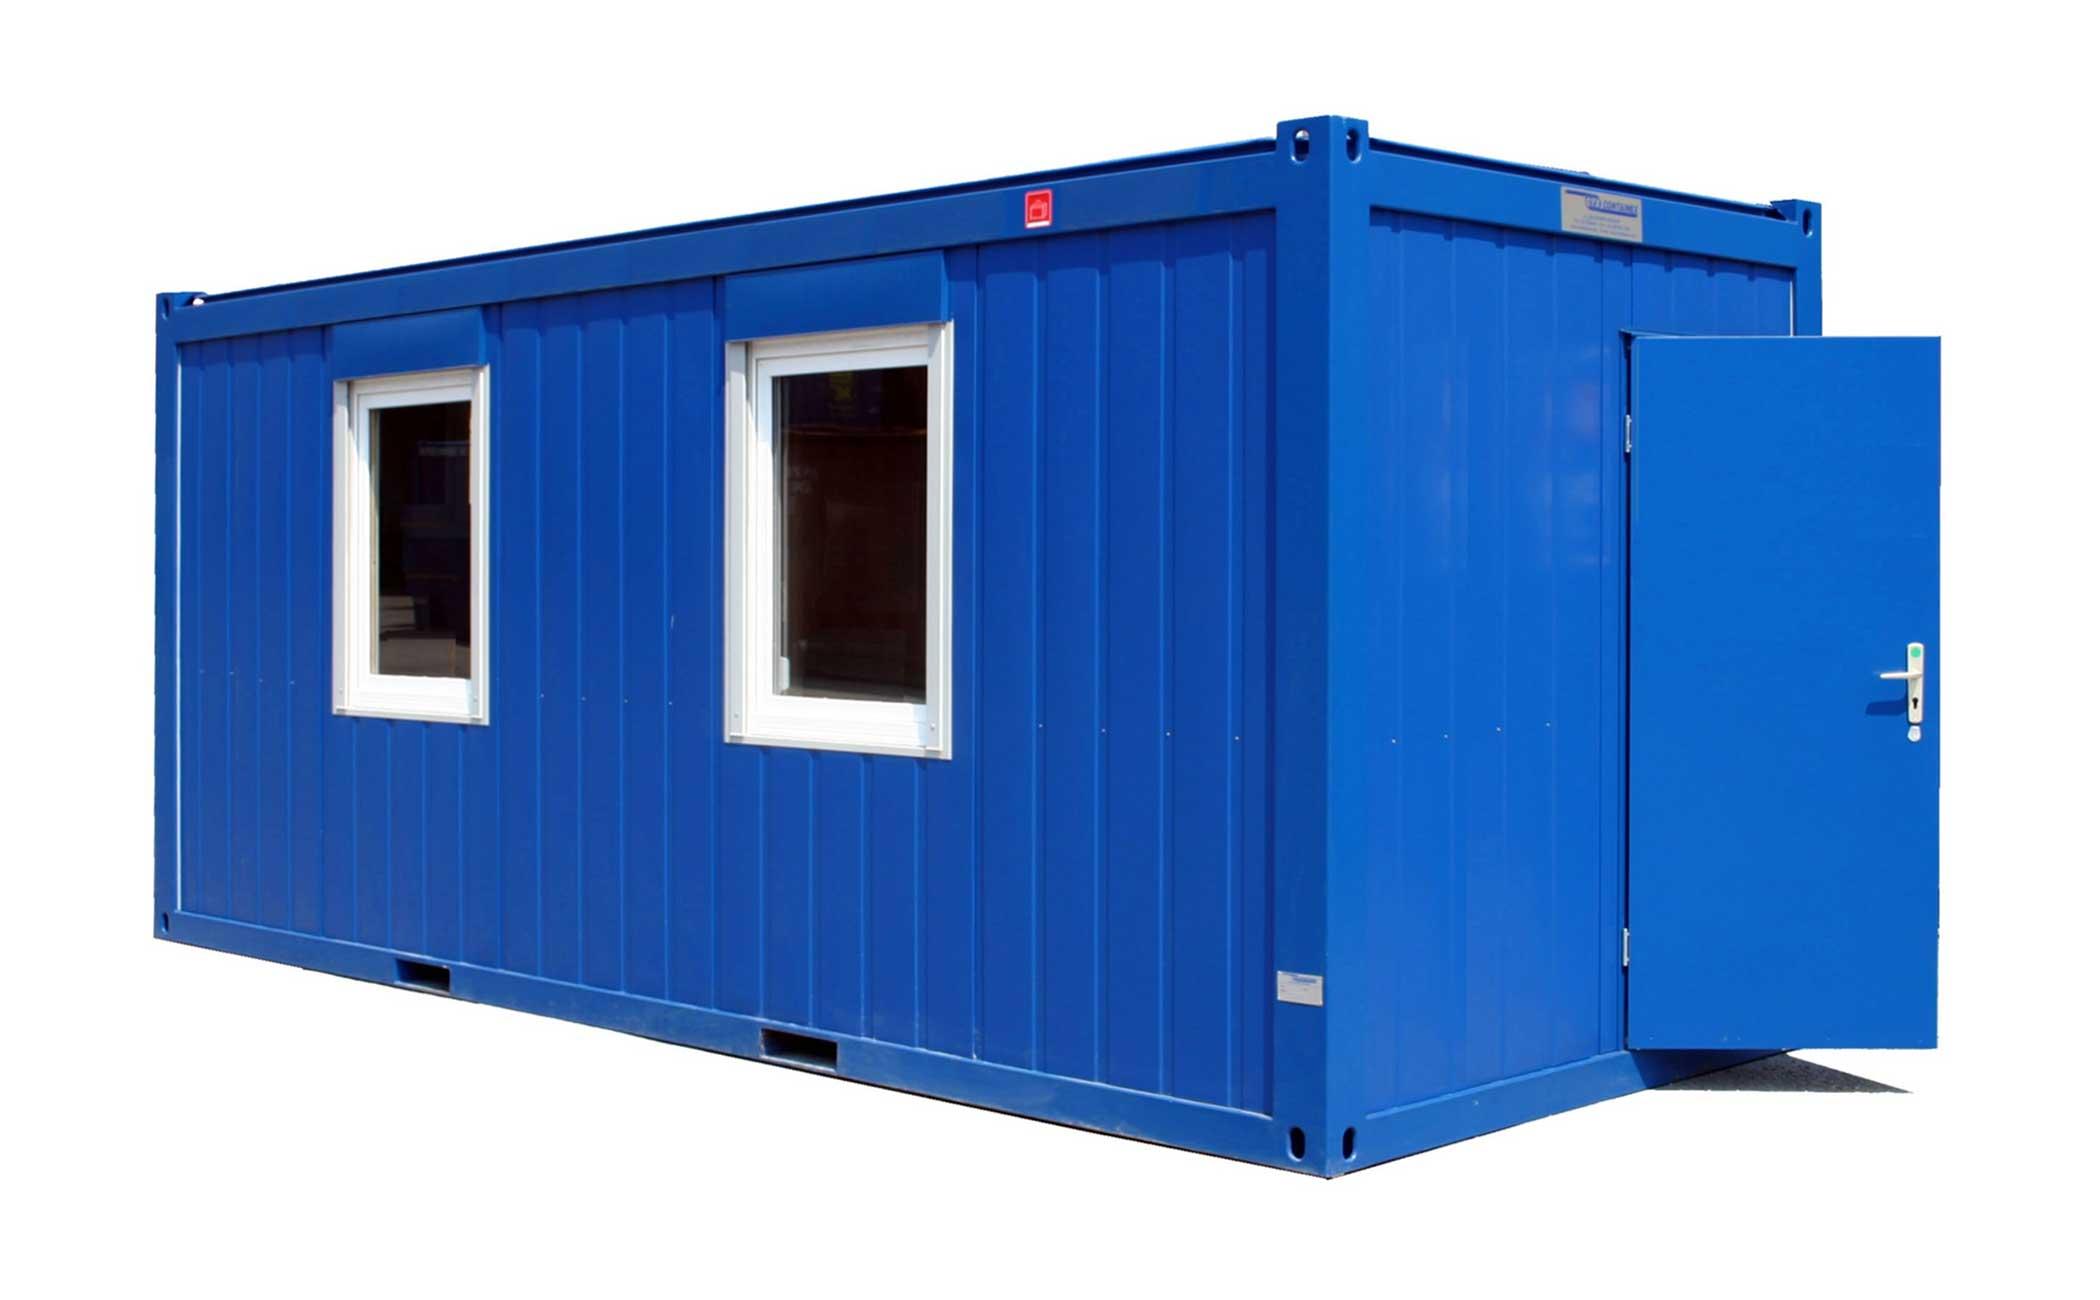 изготовления блочные контейнера для котельной в омске